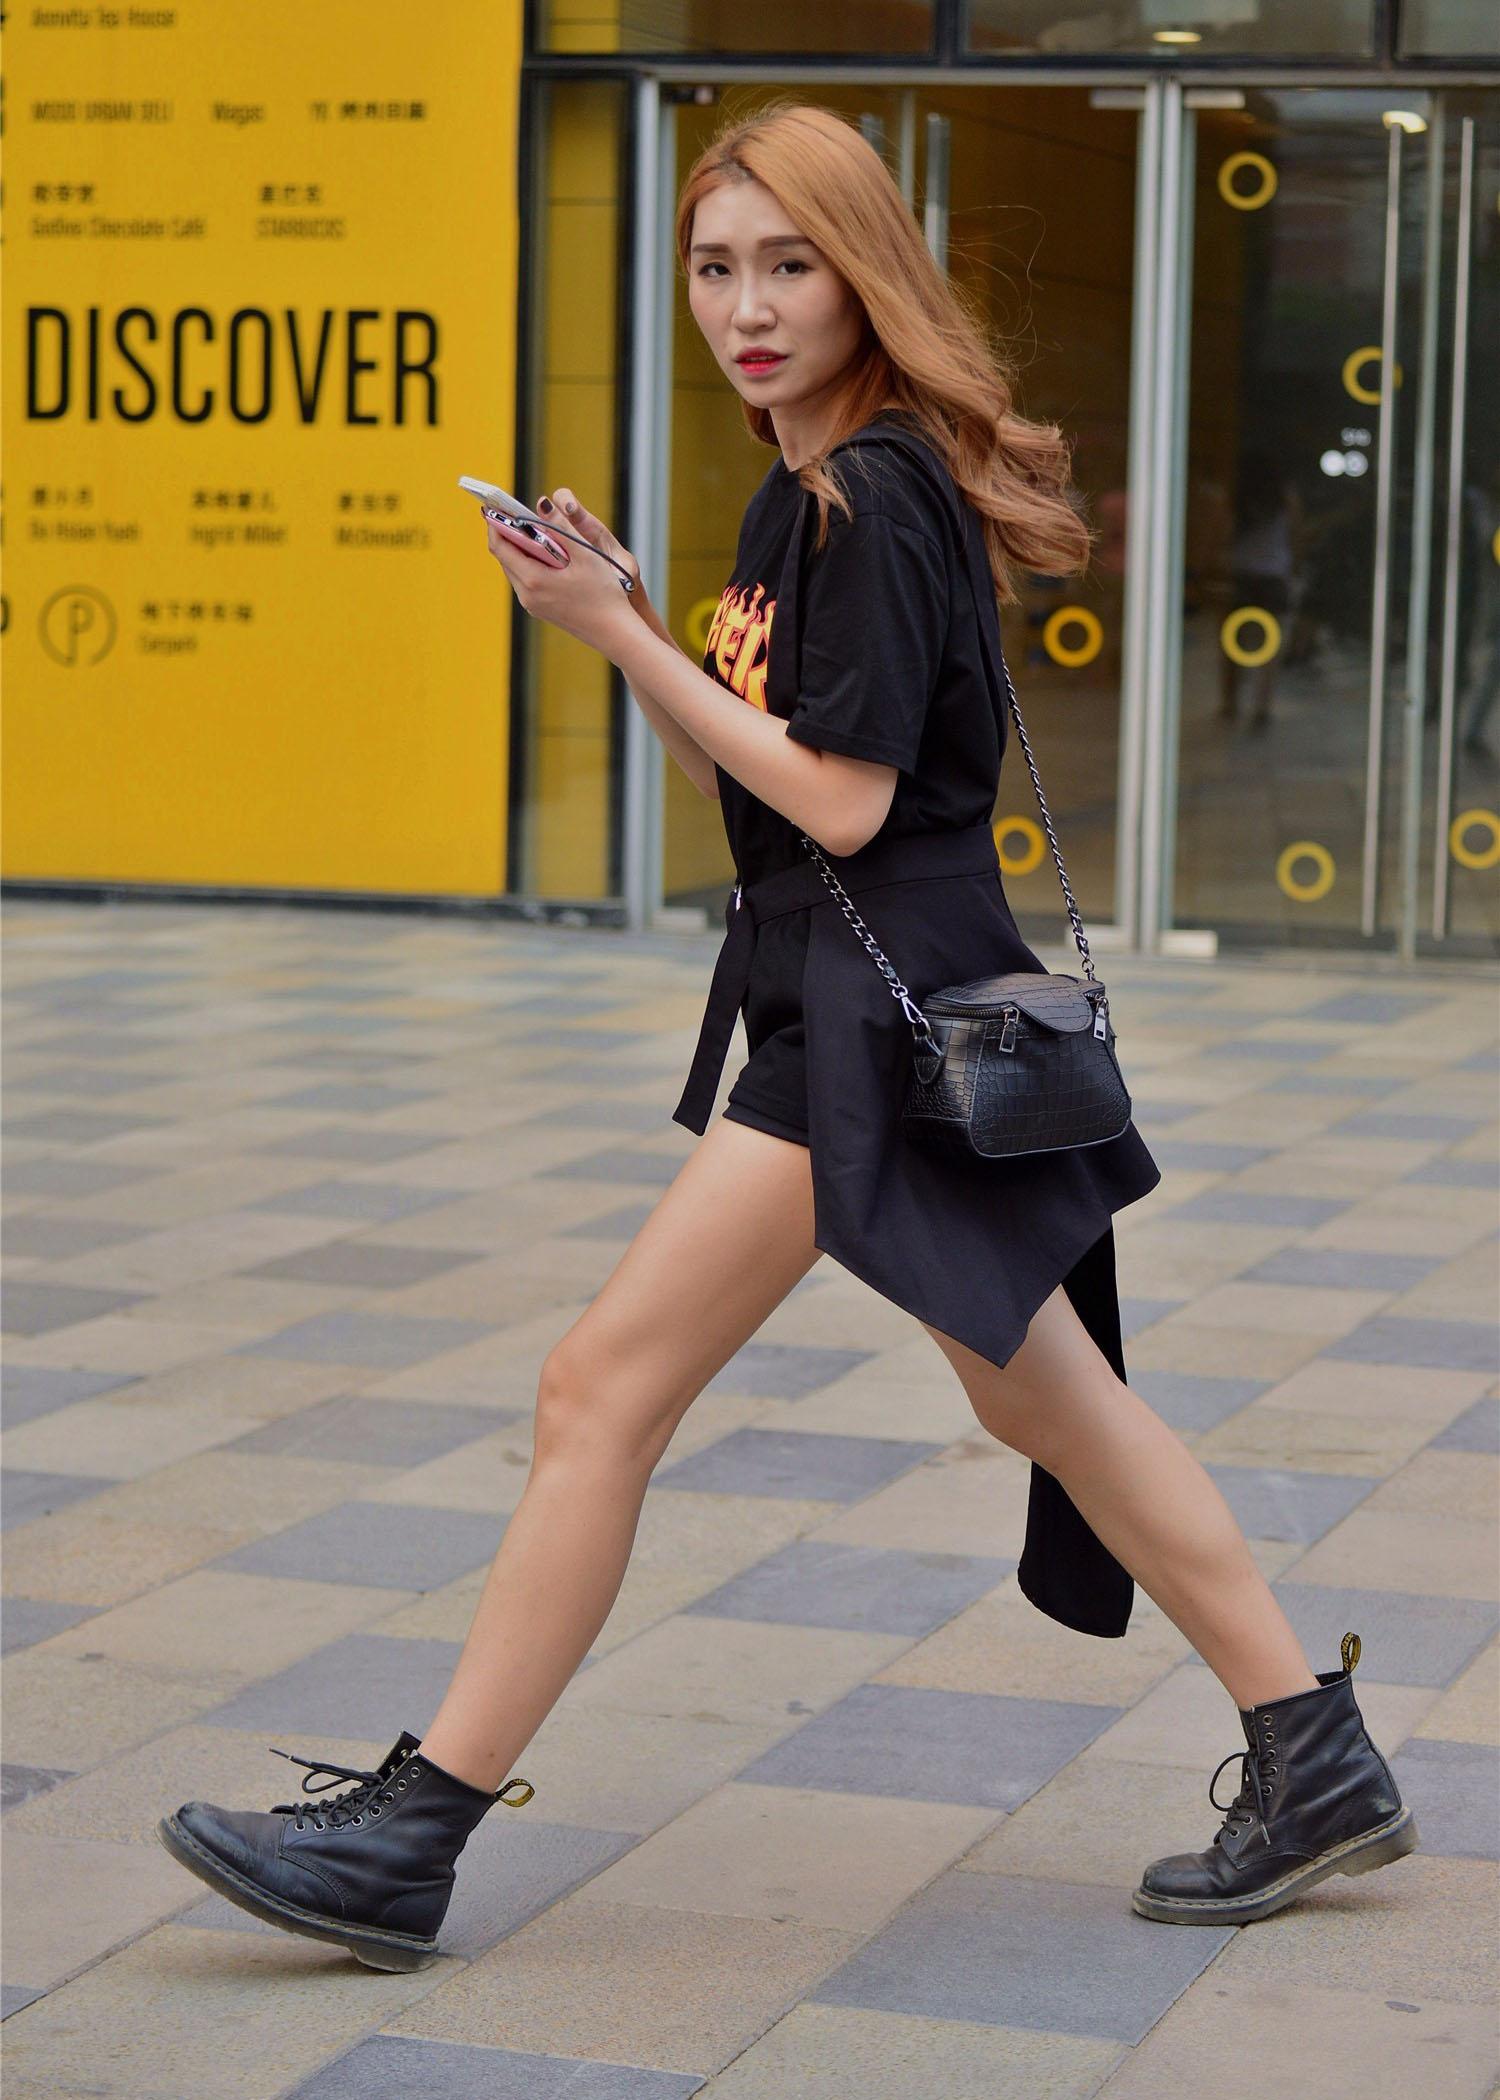 图片源于网络仅供交流时尚潮流趋势、服装搭配经典推荐、美妆美发鉴图片